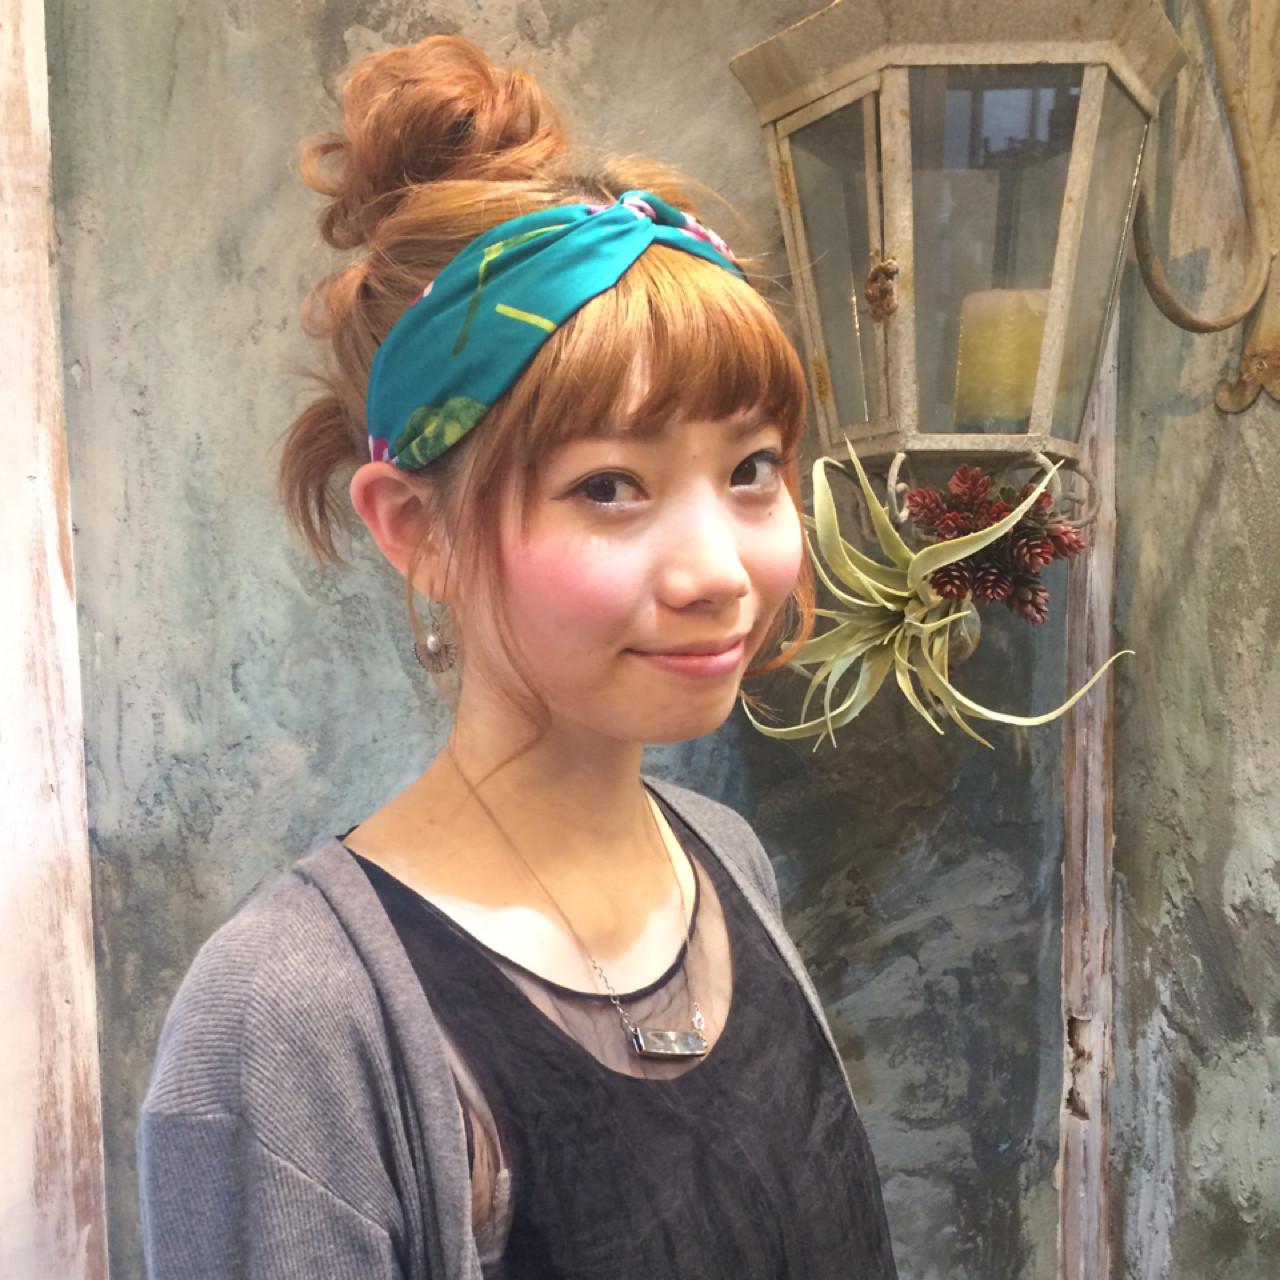 前髪あり ヘアアレンジ 夏 ショート ヘアスタイルや髪型の写真・画像